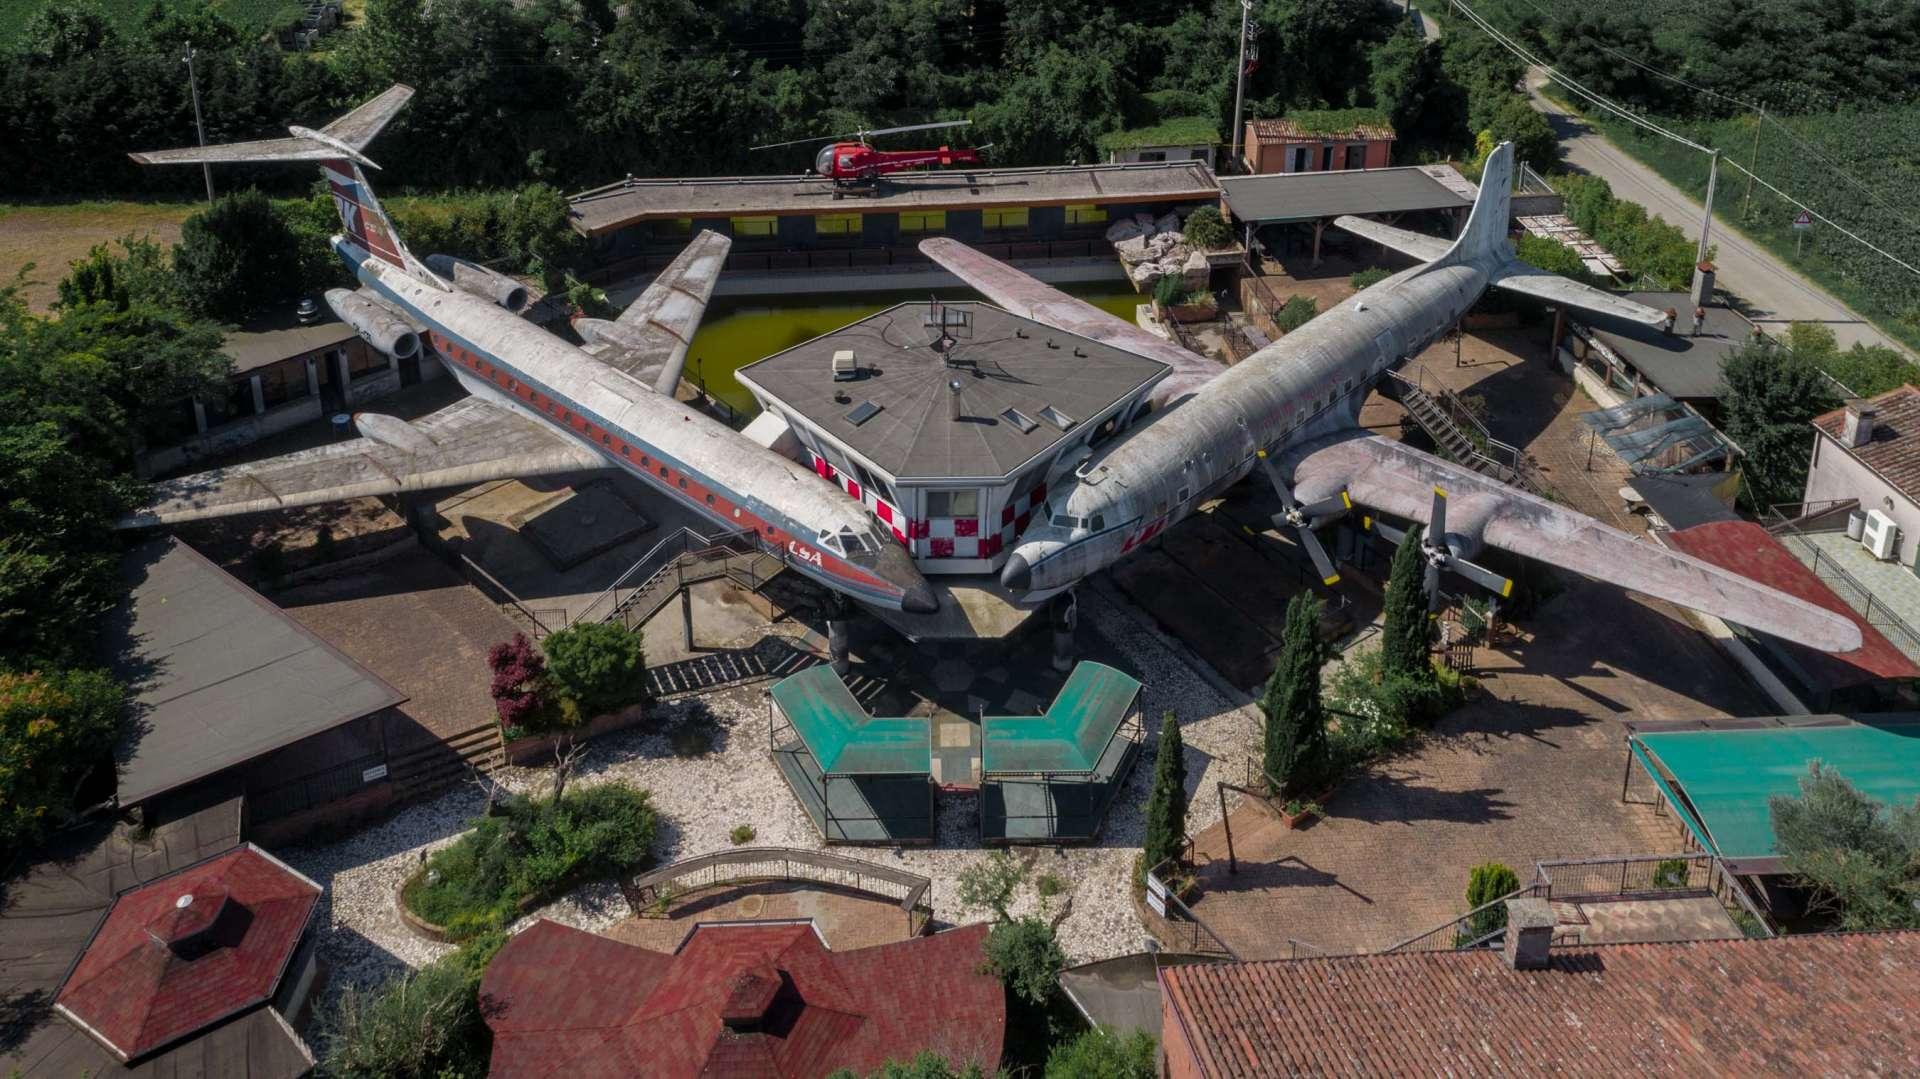 Lost Planes of Michelangelo da Vinci Villamarzana Rovigo 2